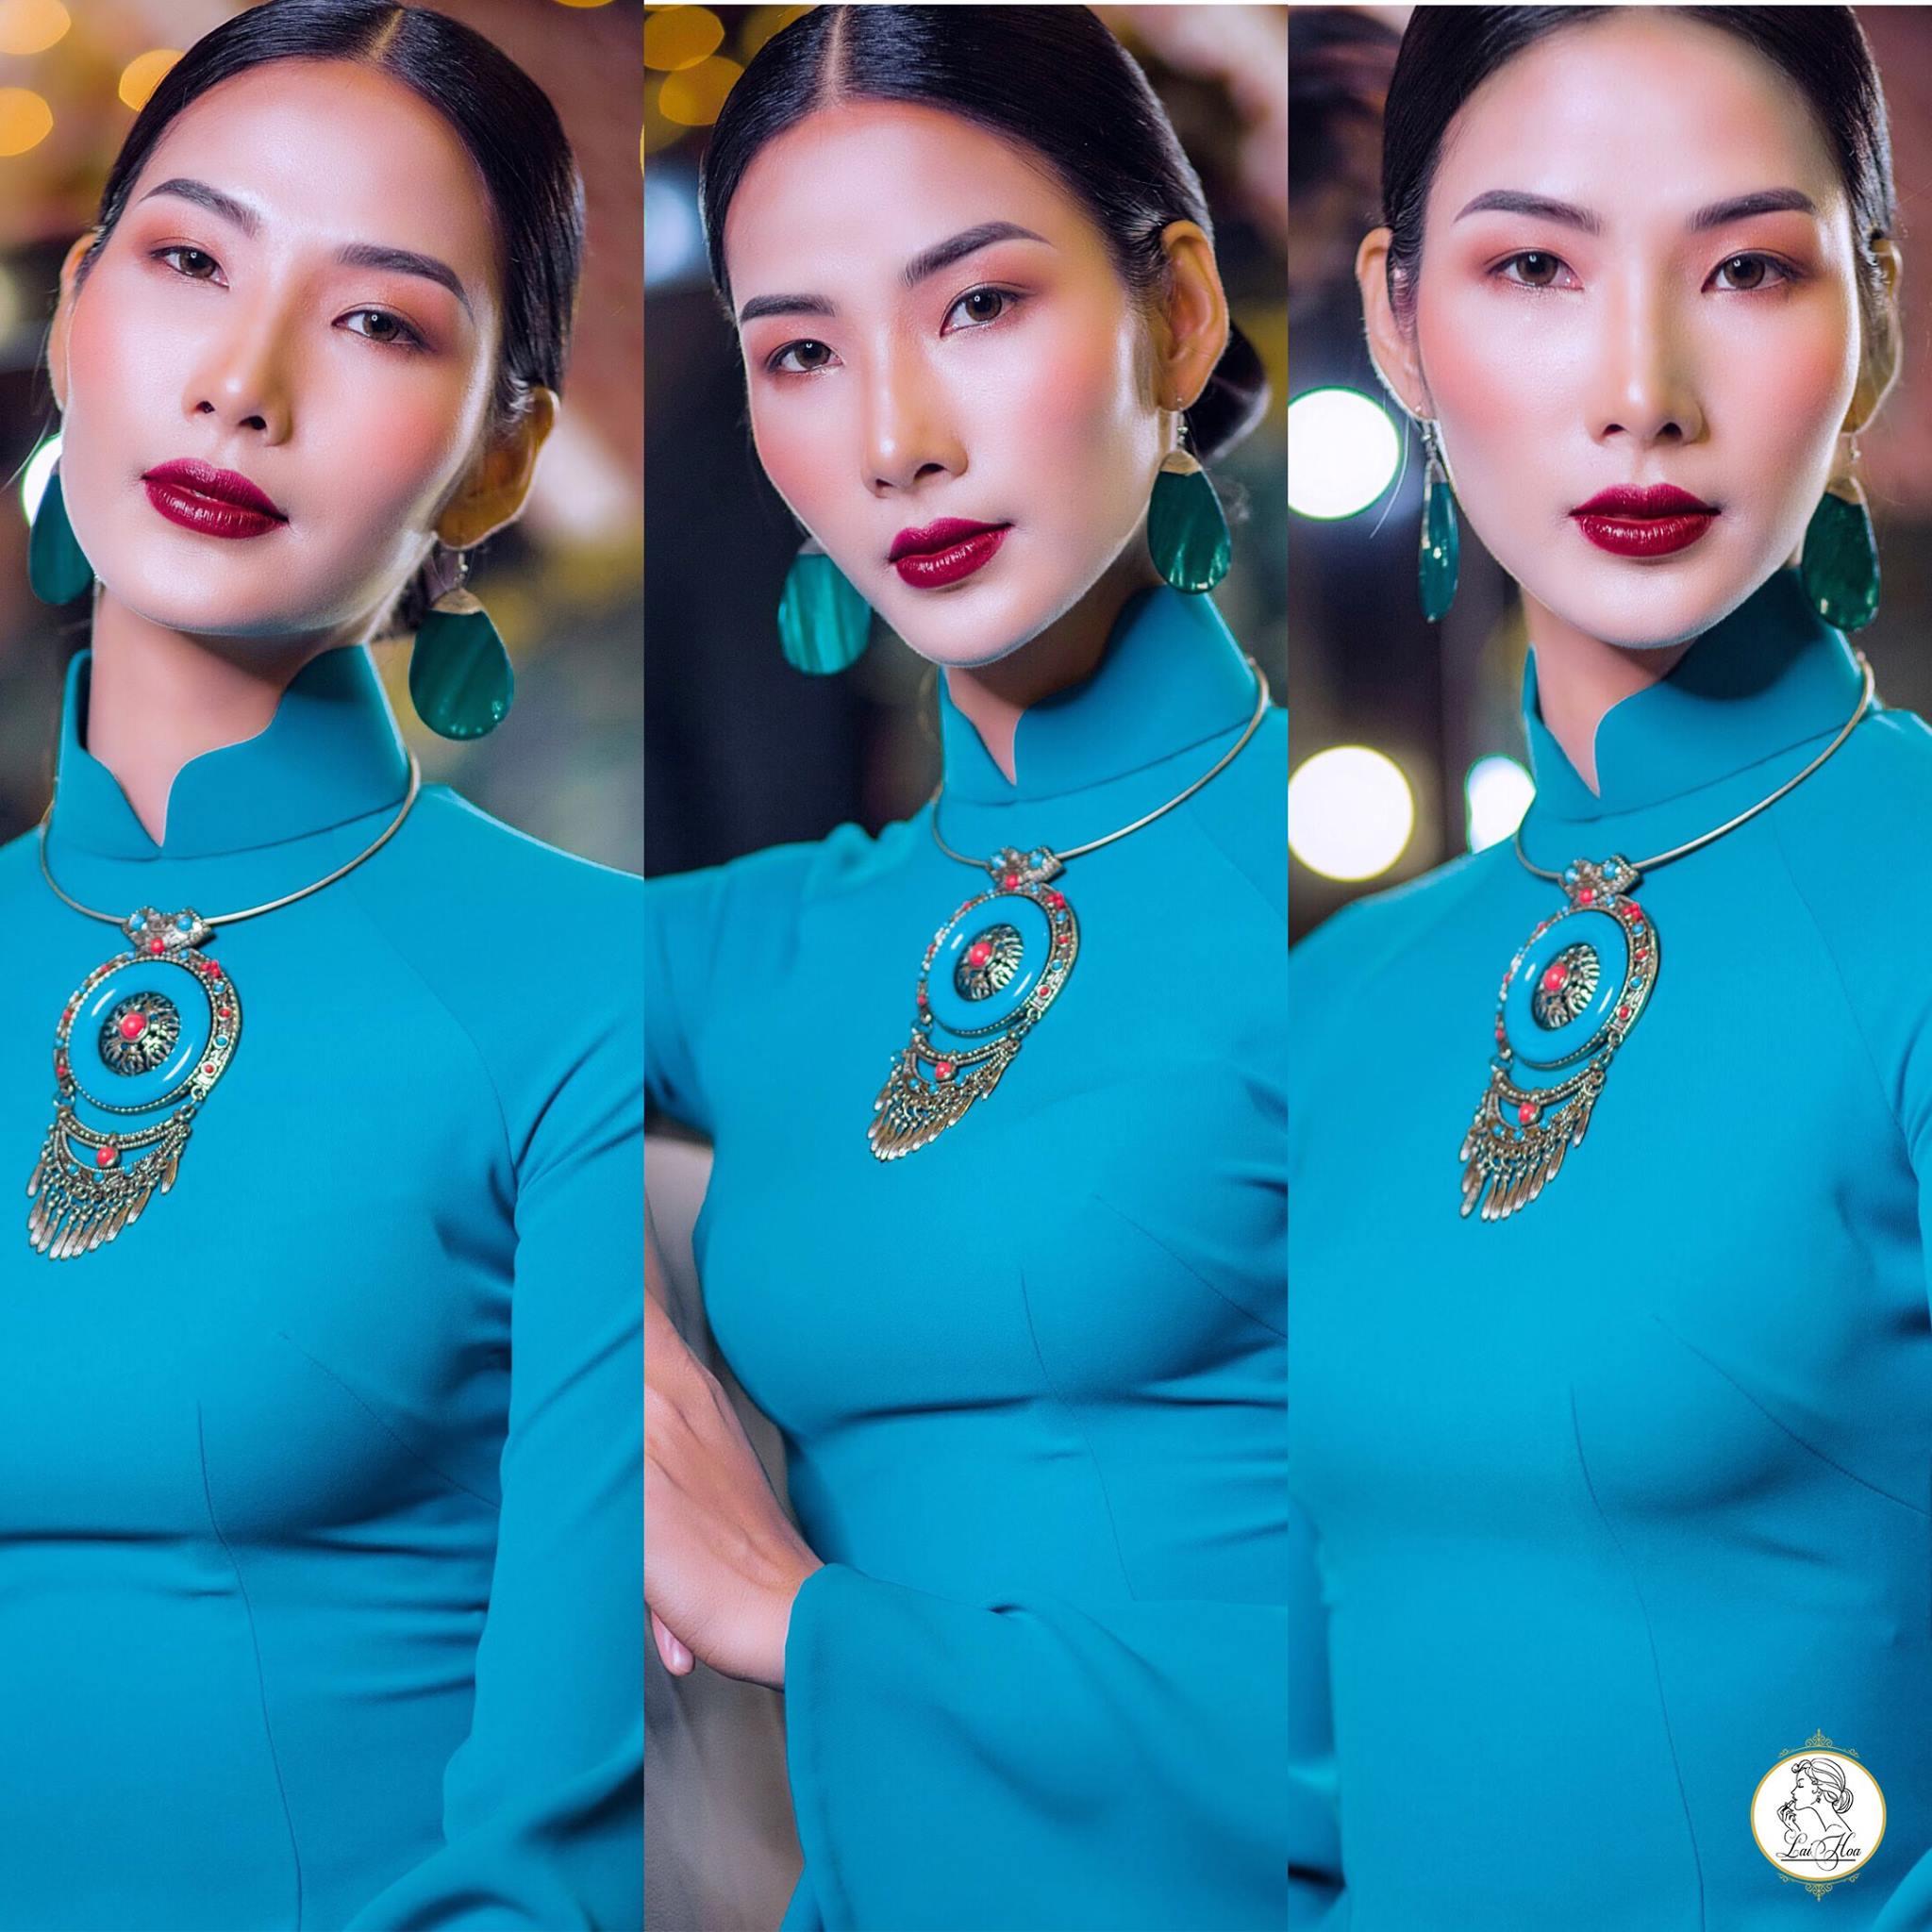 Top 7 tiệm trang điểm cô dâu đẹp nhất tại Đà Nẵng -  Lai Hoa Wedding